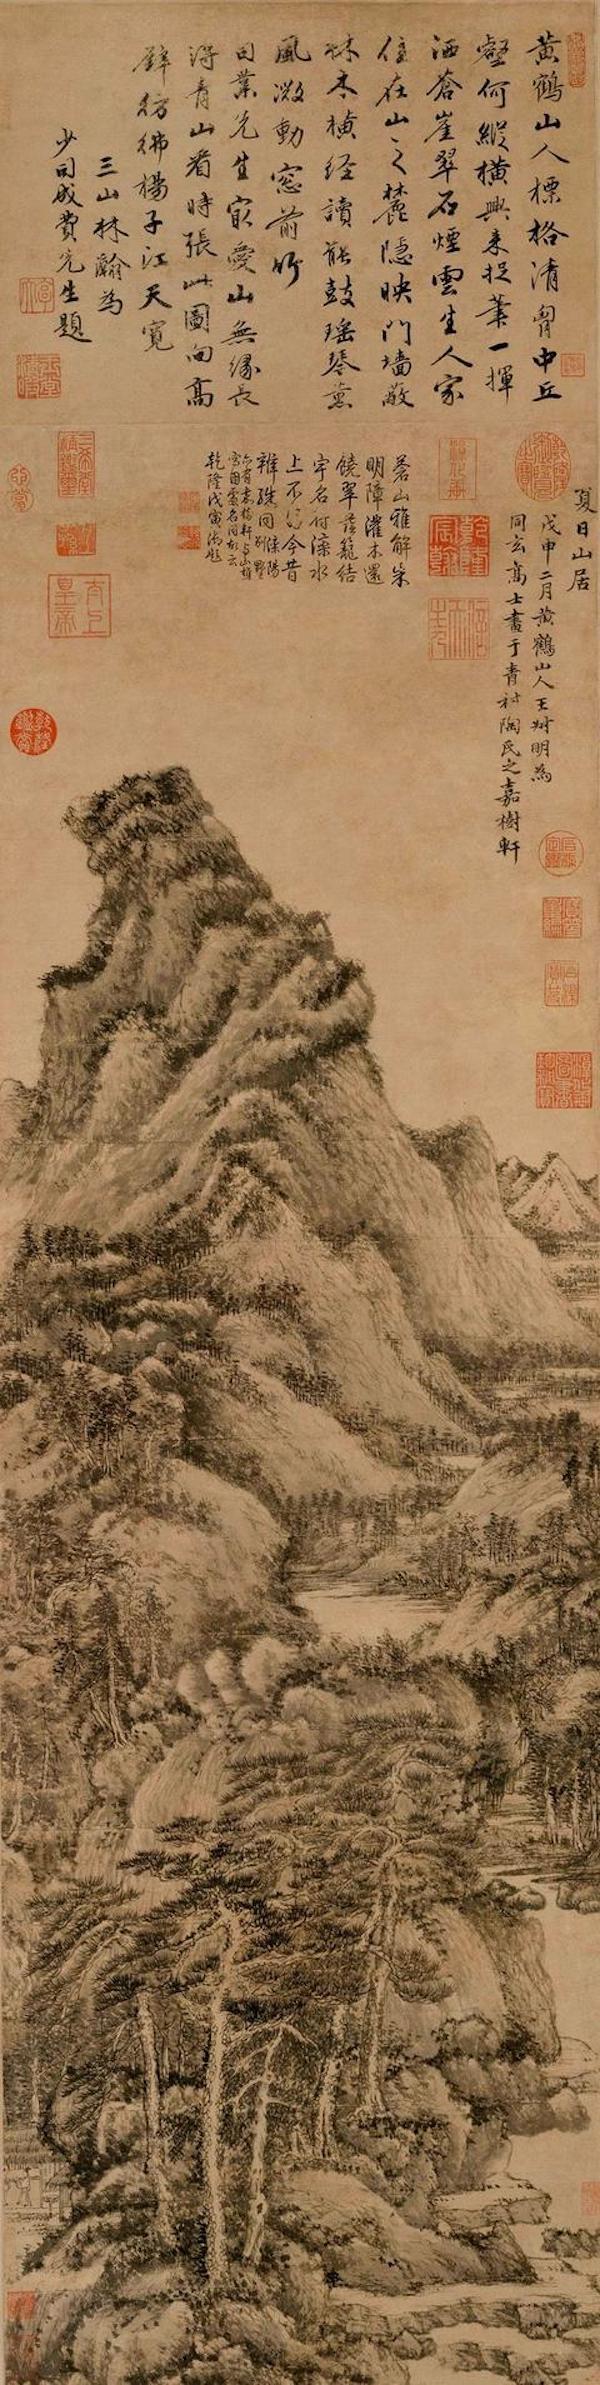 元 王蒙 《夏日山居图》轴 故宫博物院藏